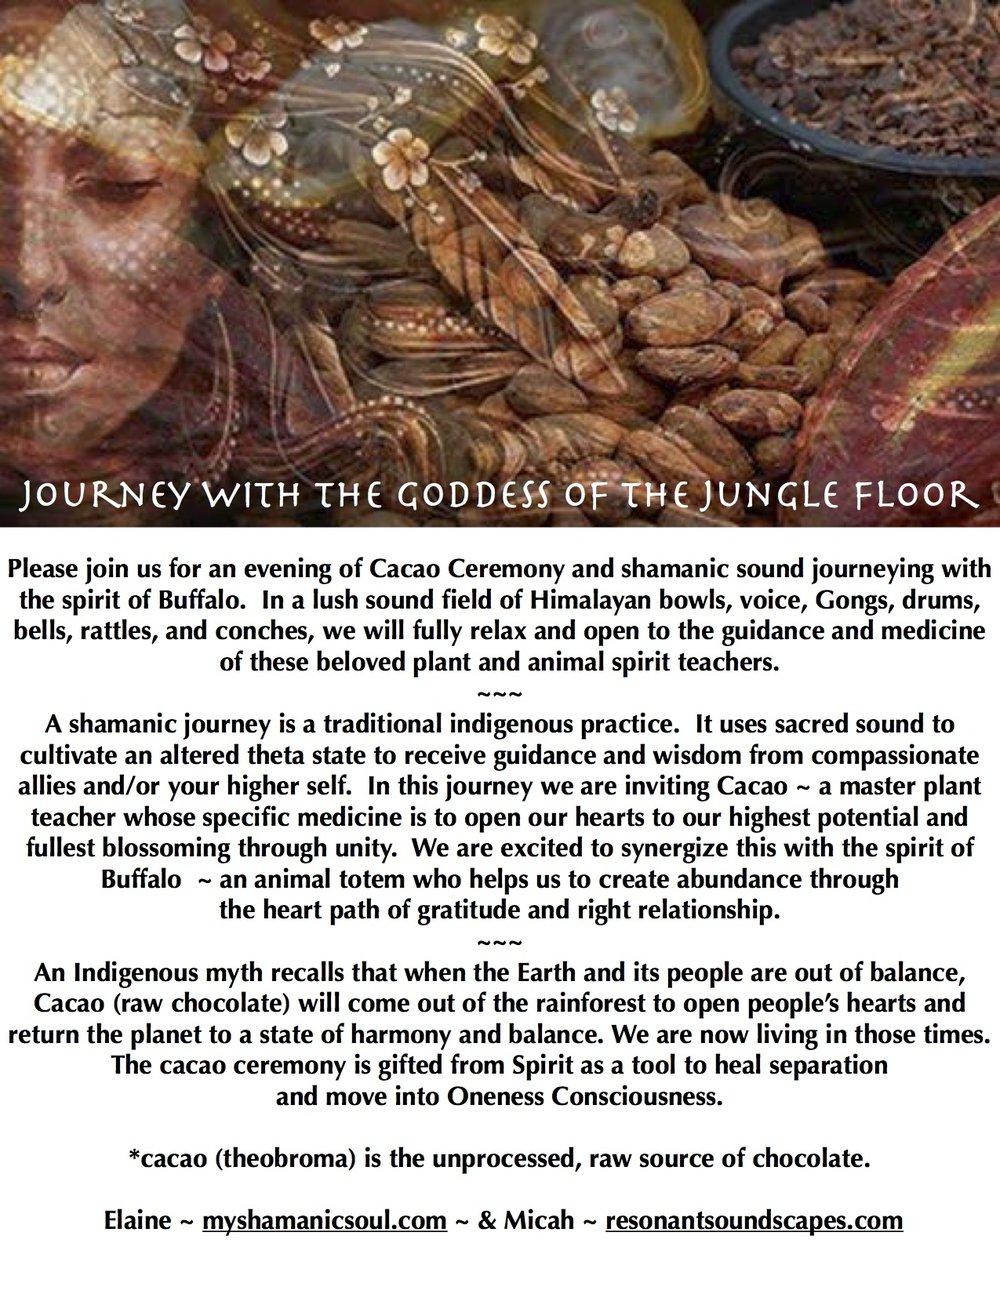 buffalo cacao ceremony text.jpg